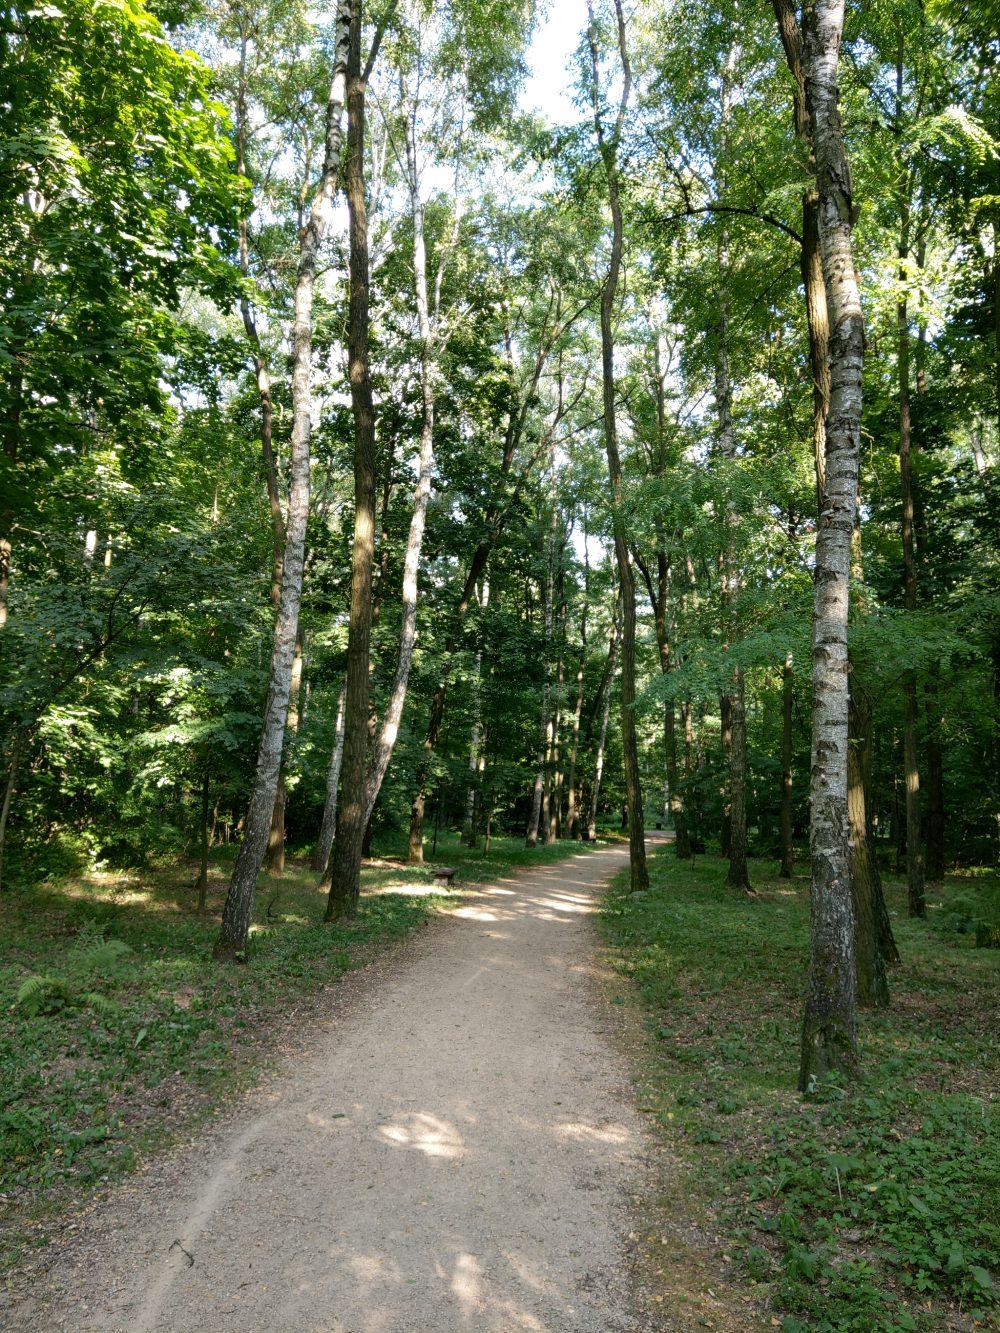 zdjęcie w lesie htc u12 plus